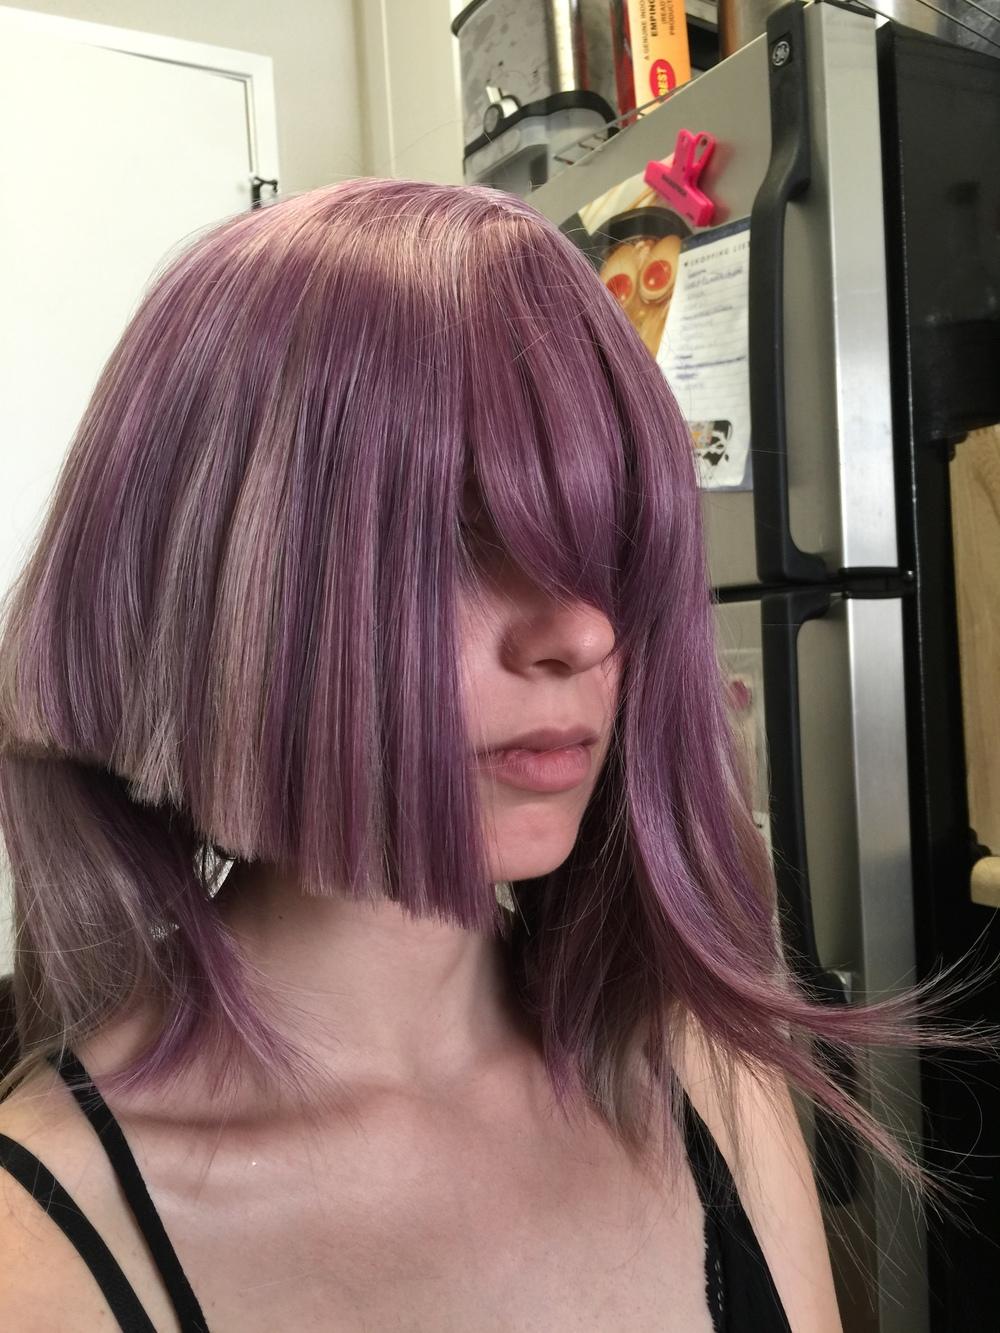 Cutting the Hair